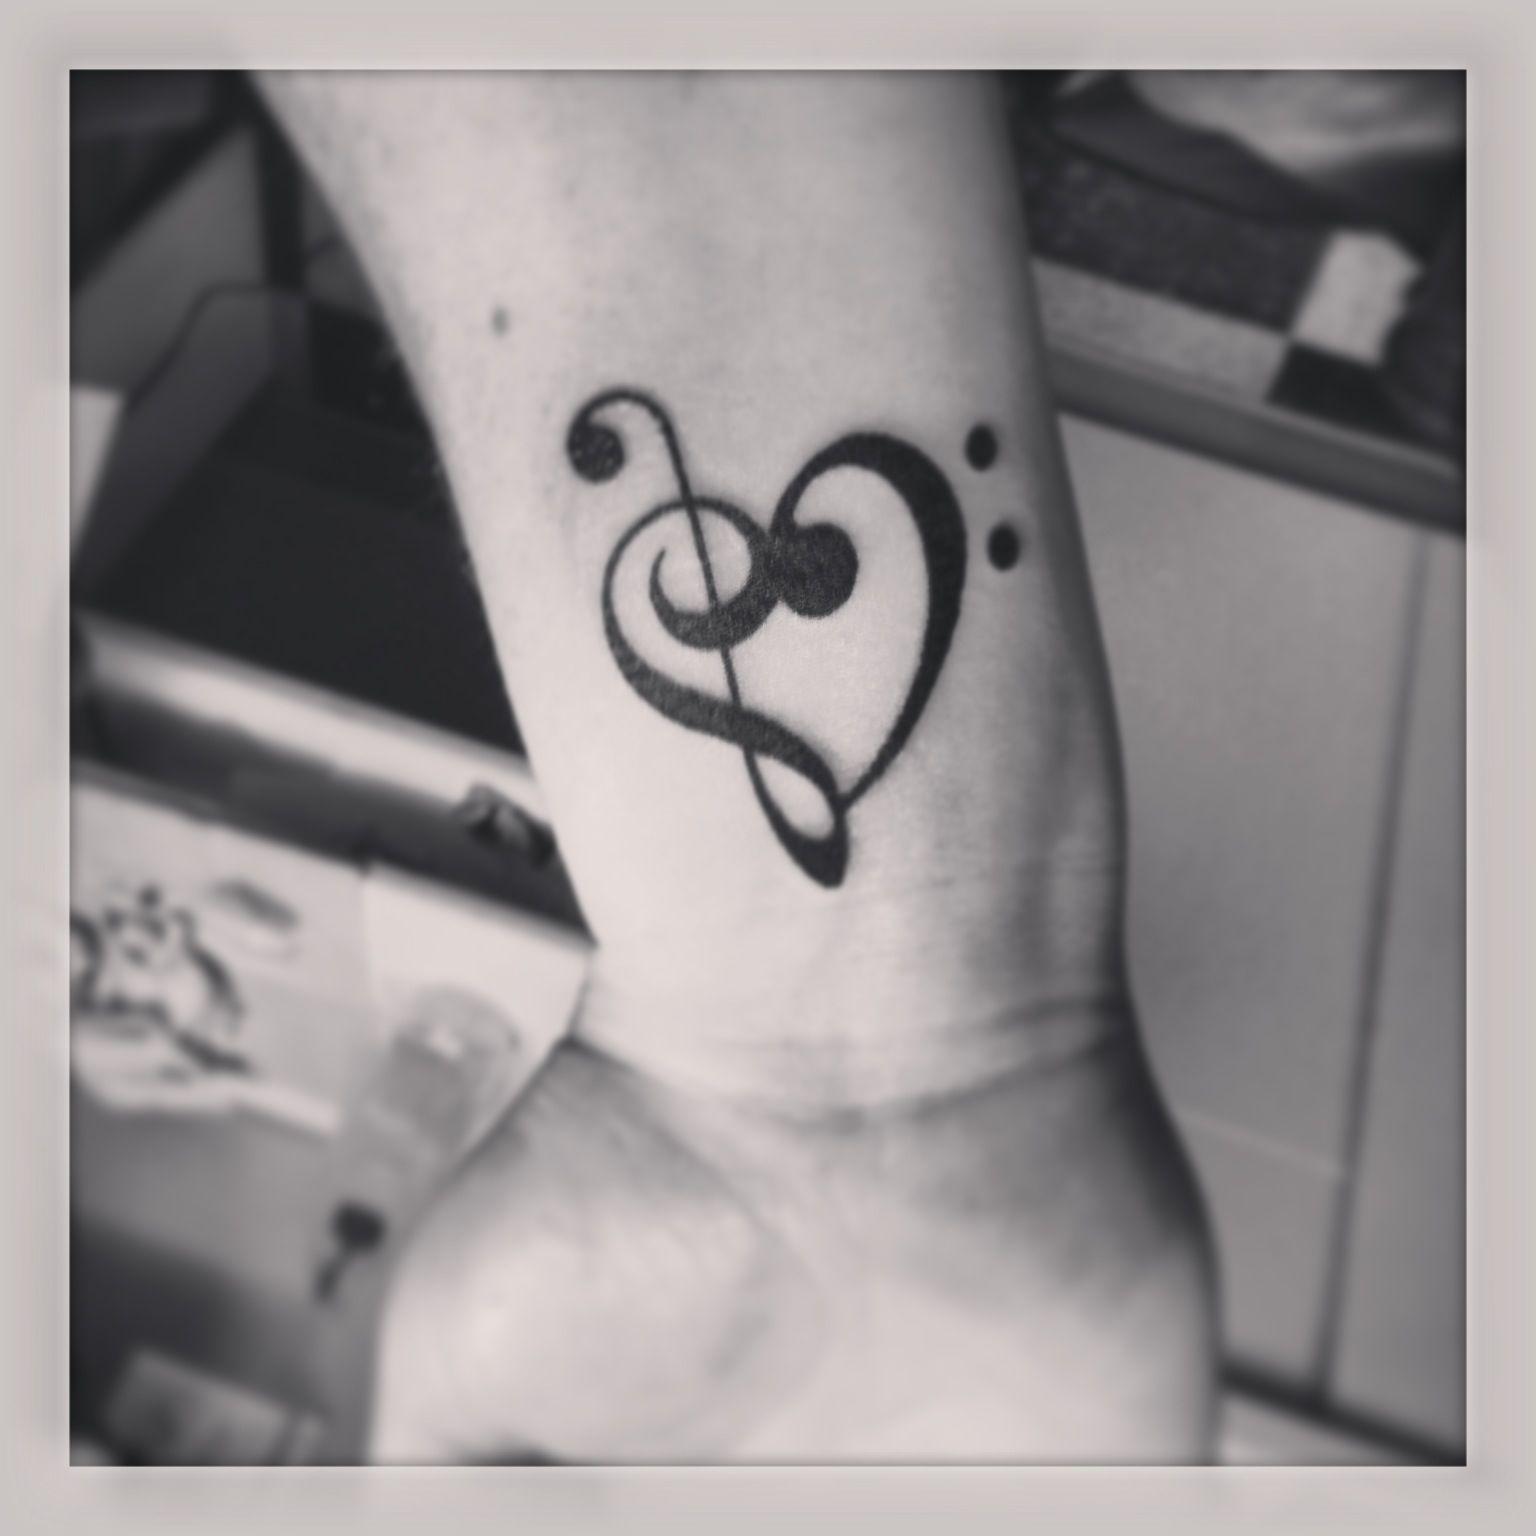 Bass clef heart tattoo heart tattoo tattoos clef heart